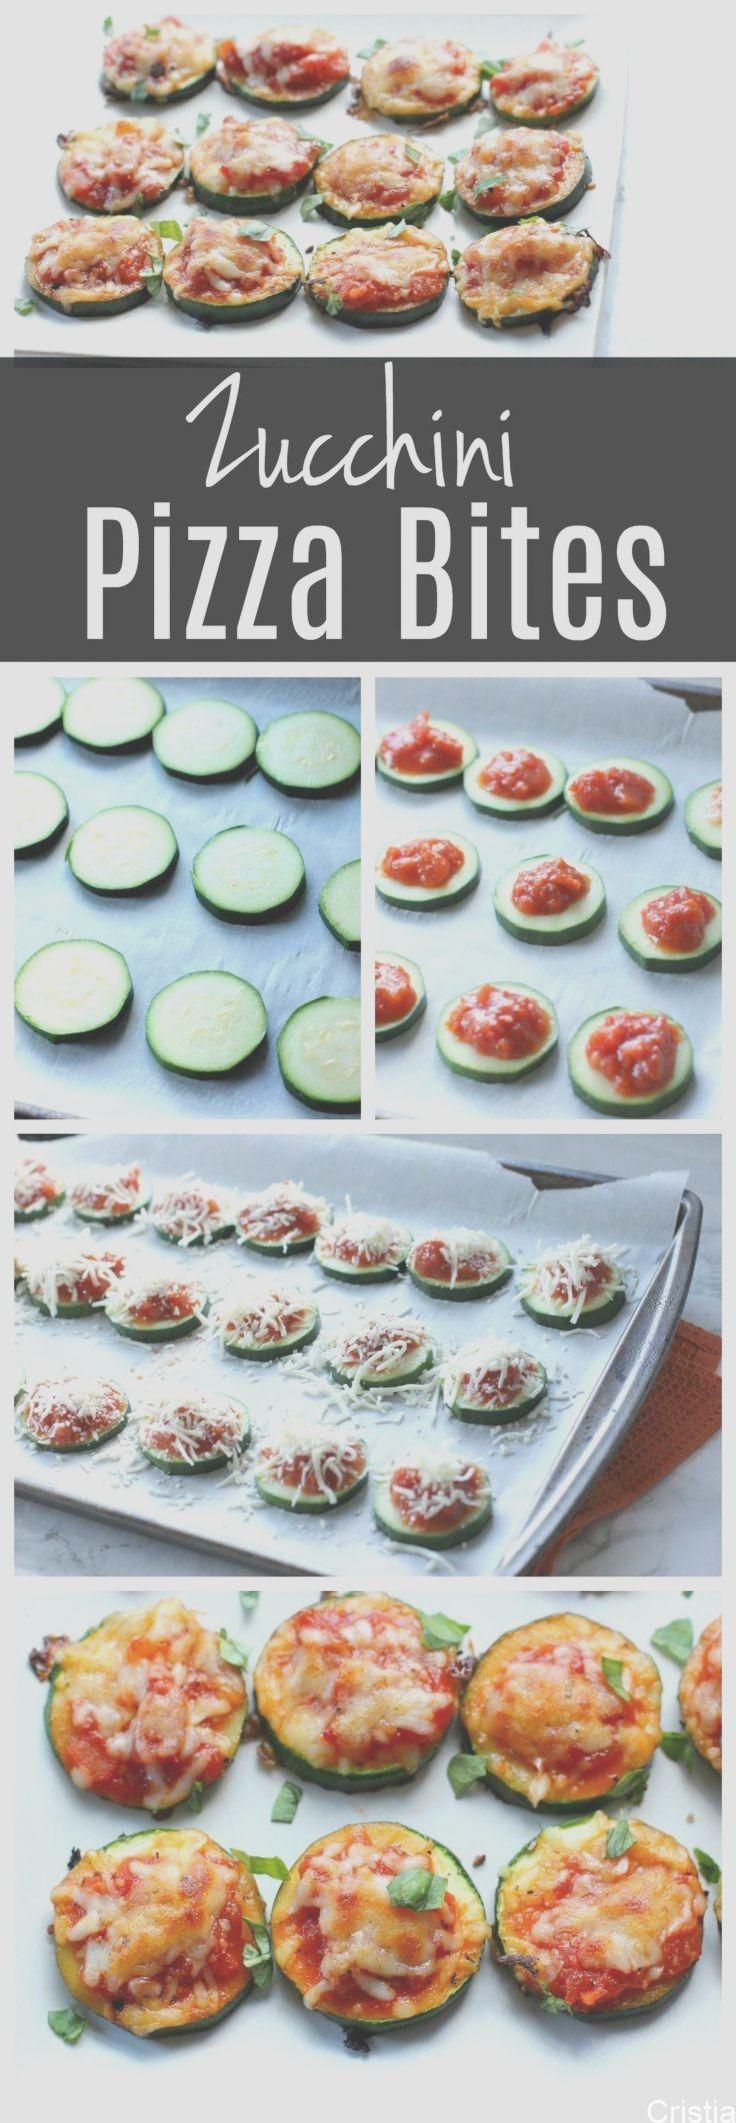 #Bites #Einfache #kidsrecipes #Pizza #Zucchini Einfache Zucchini Pizza Bites  …